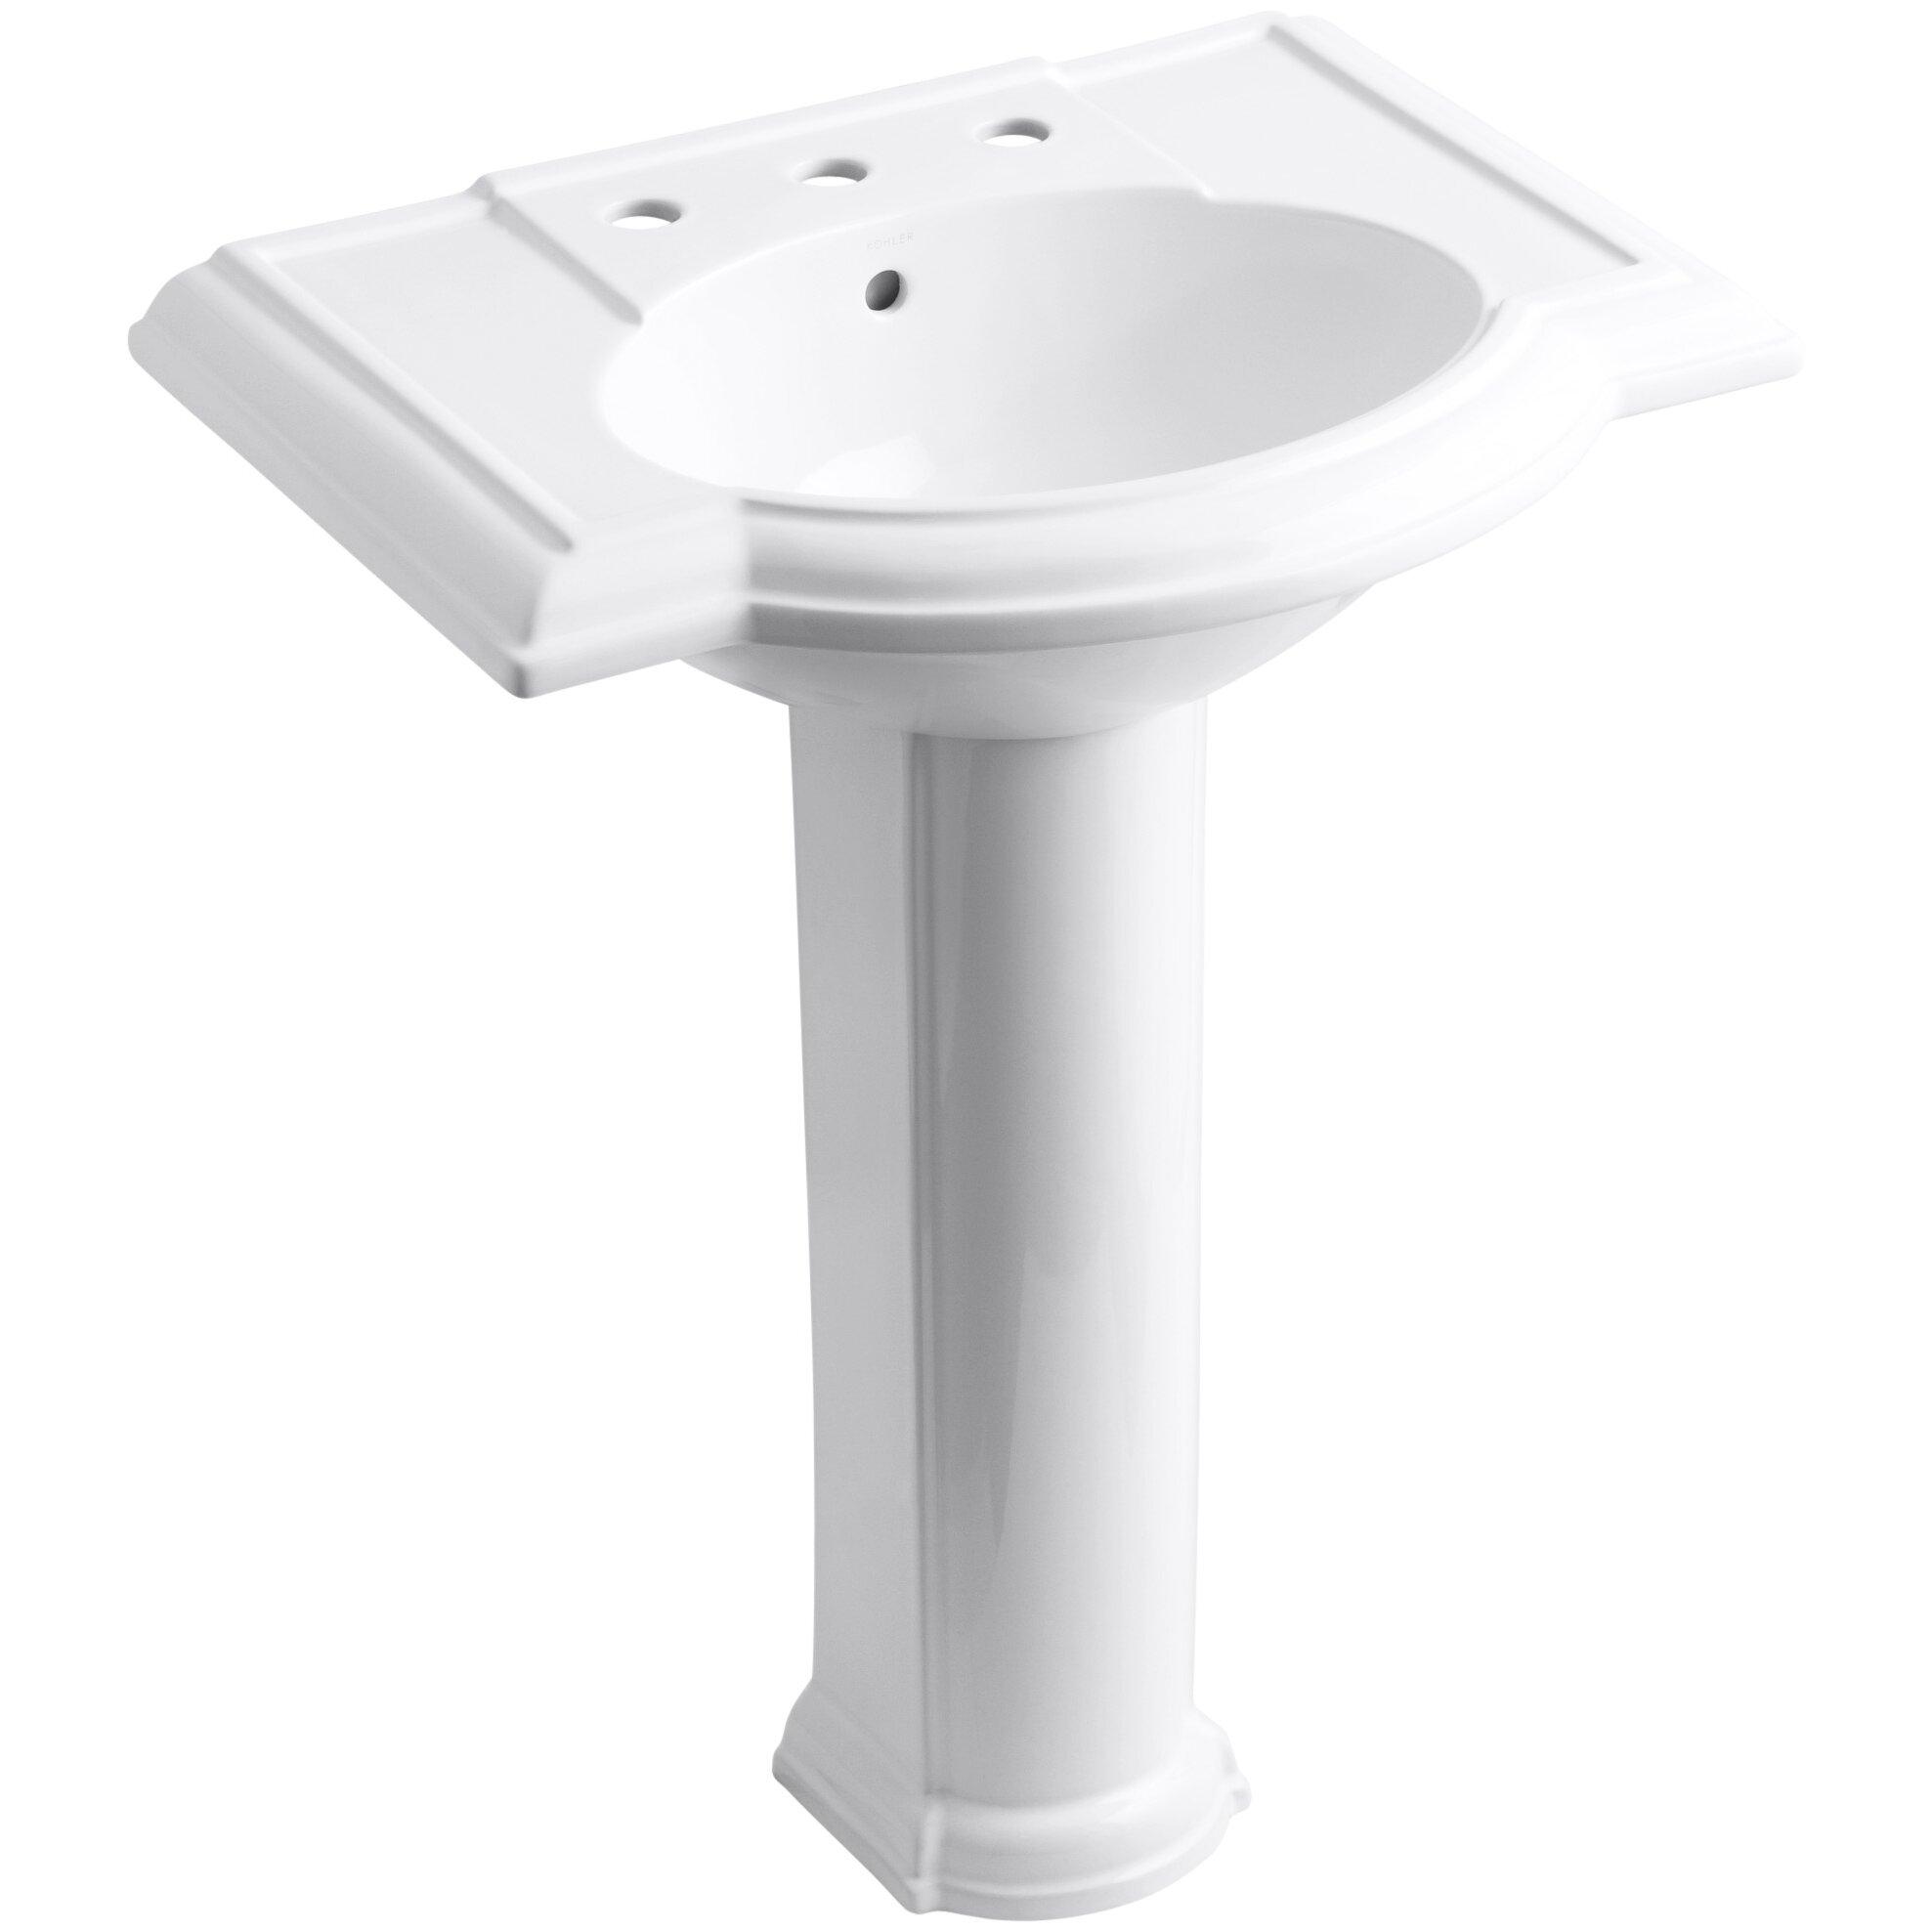 Kohler Devonshire 27 Pedestal Bathroom Sink With 8